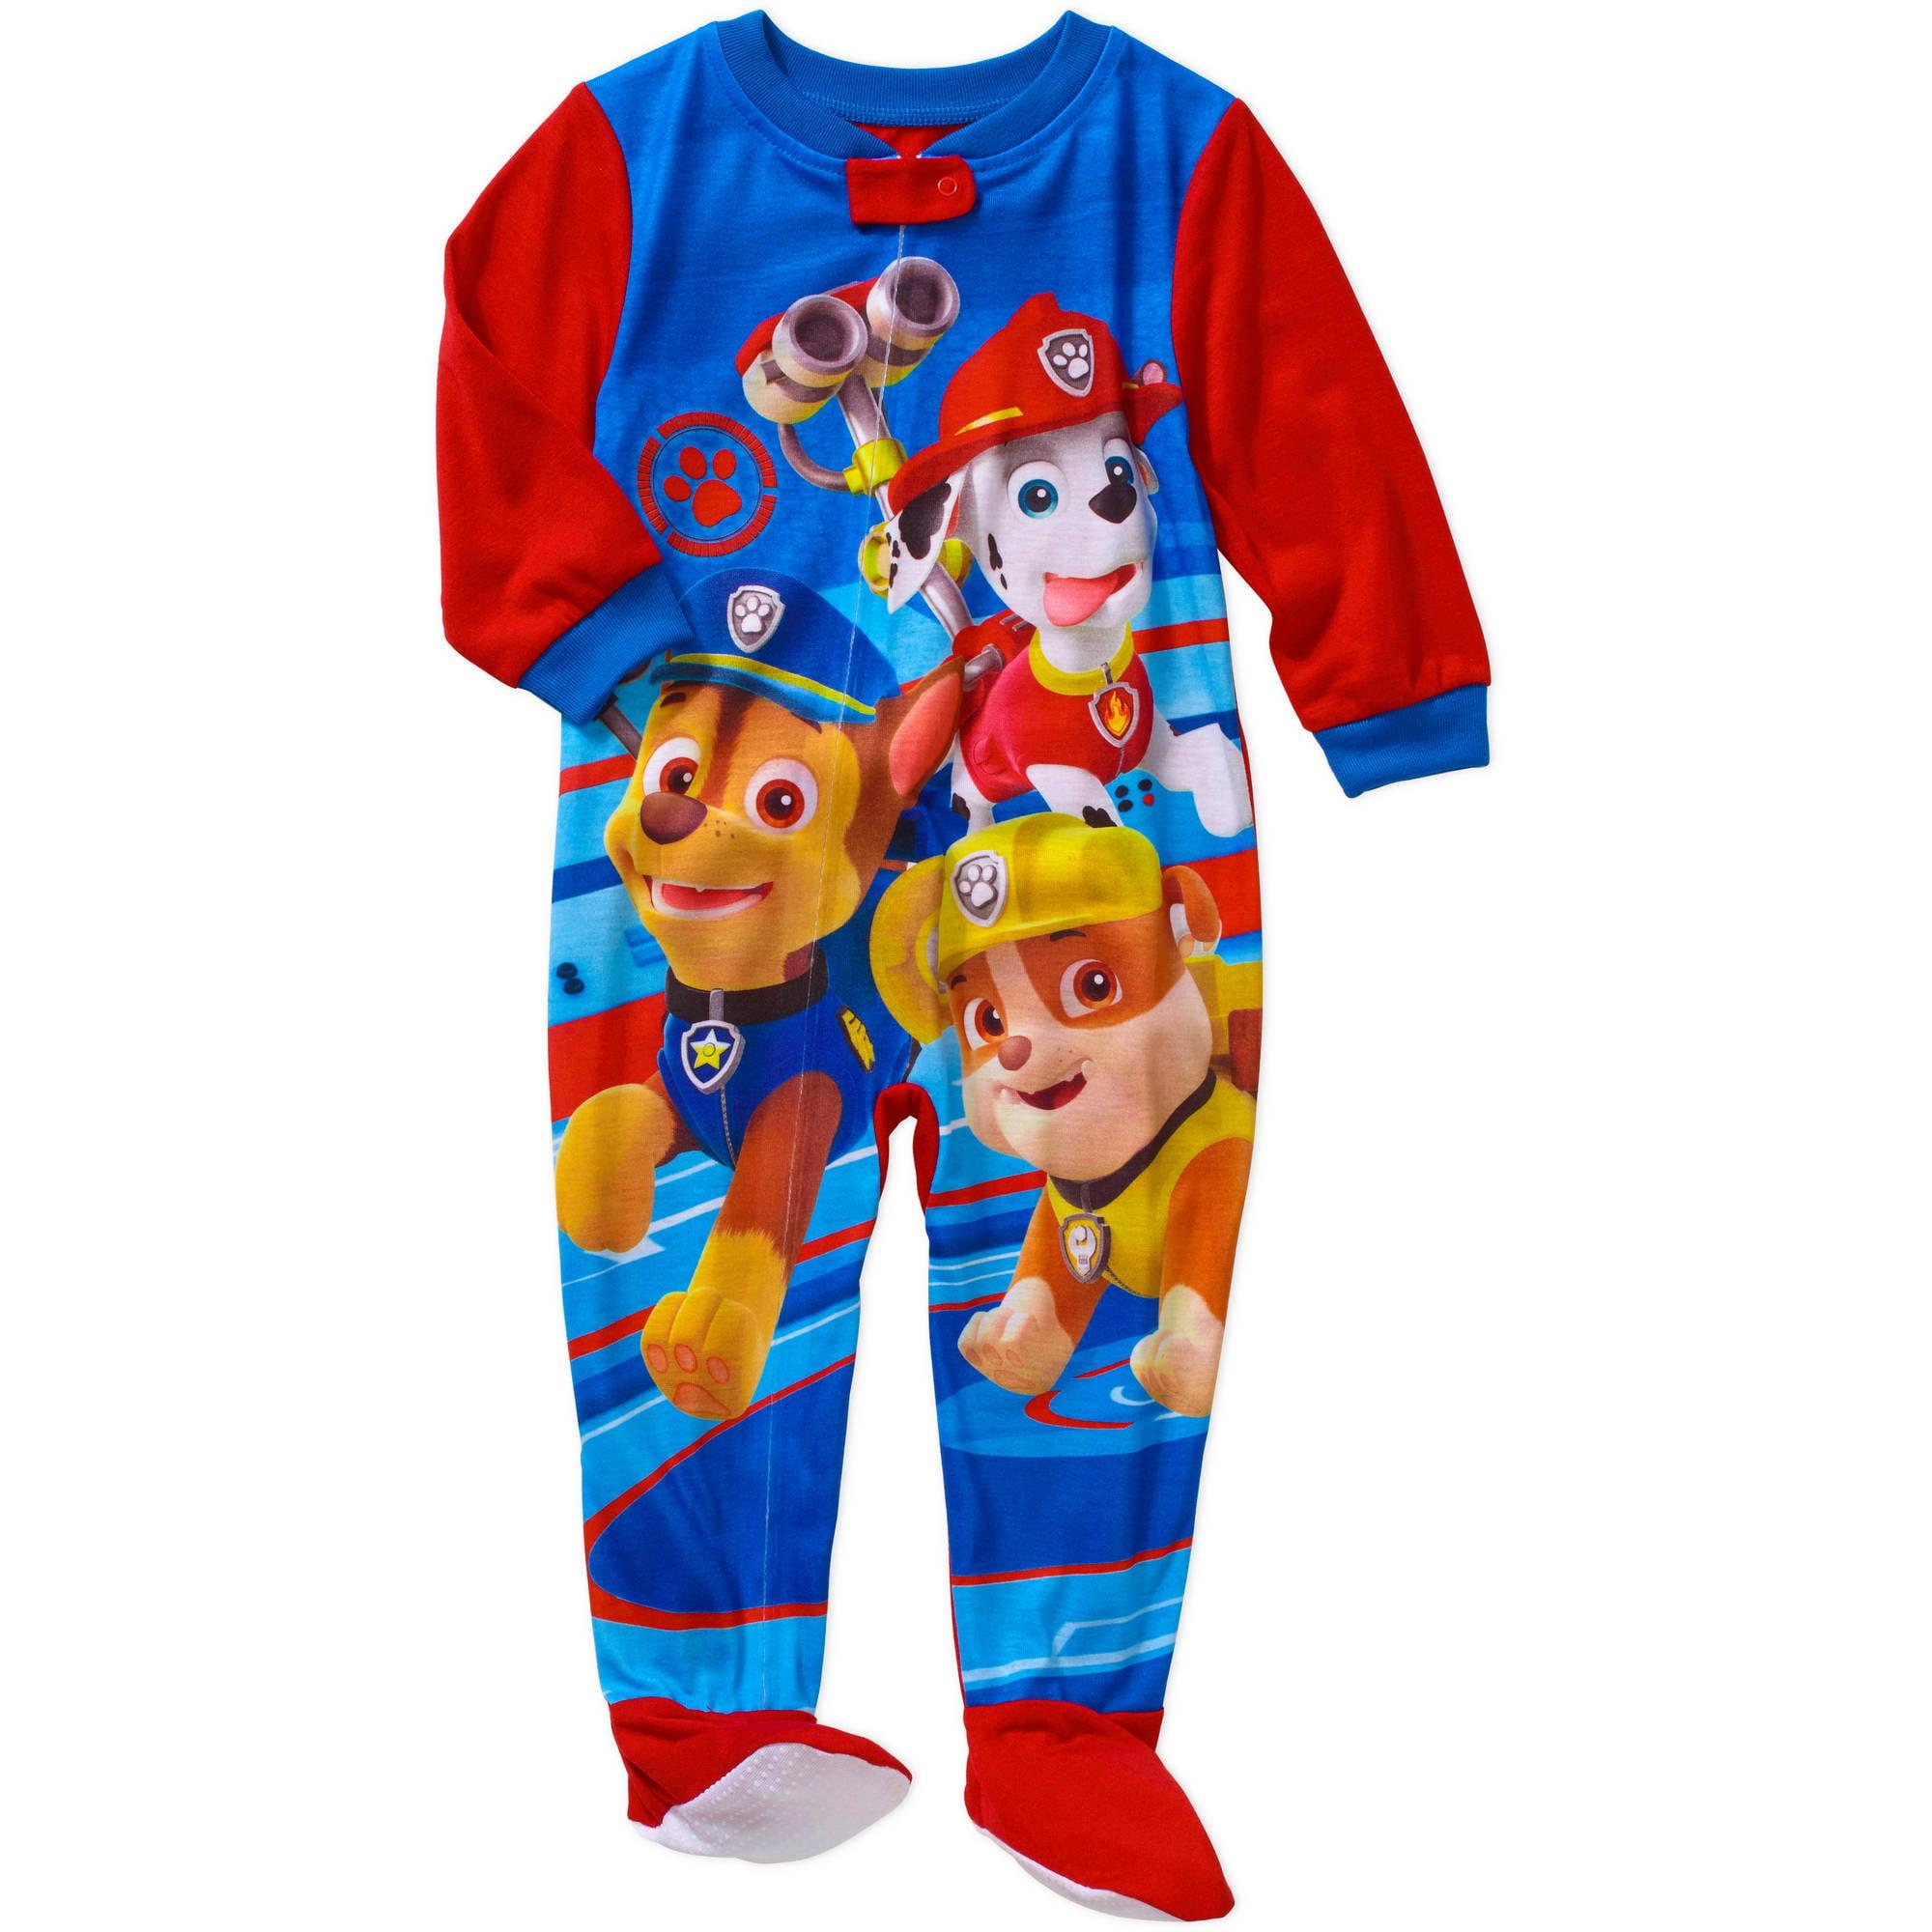 Nickelodeon Paw Patrol Baby Toddler Boy Footed Pajamas ...